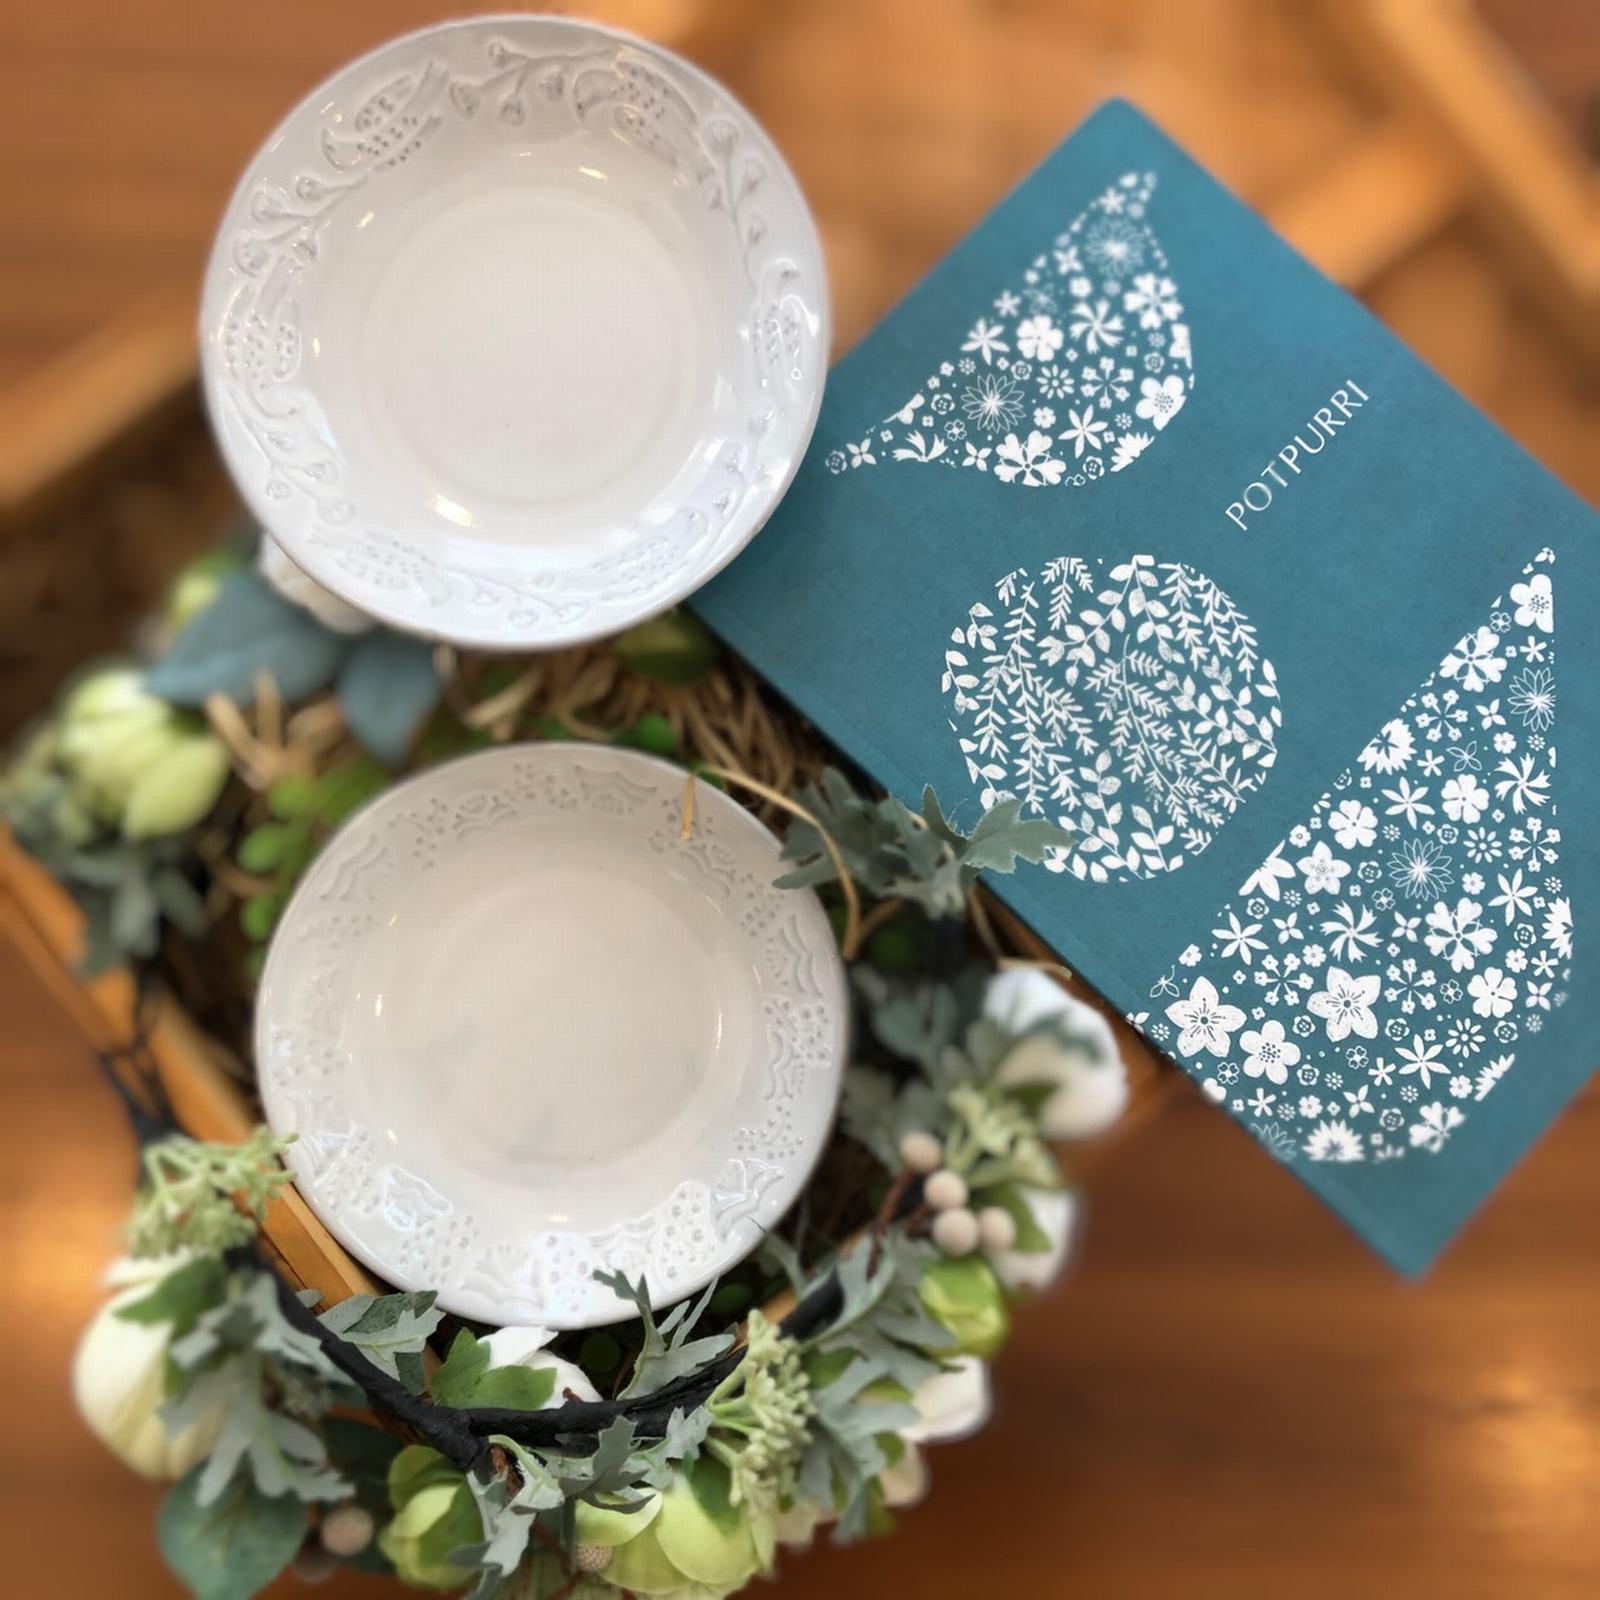 香川の結婚式場シェルエメール&アイスタイルの新しい引出物